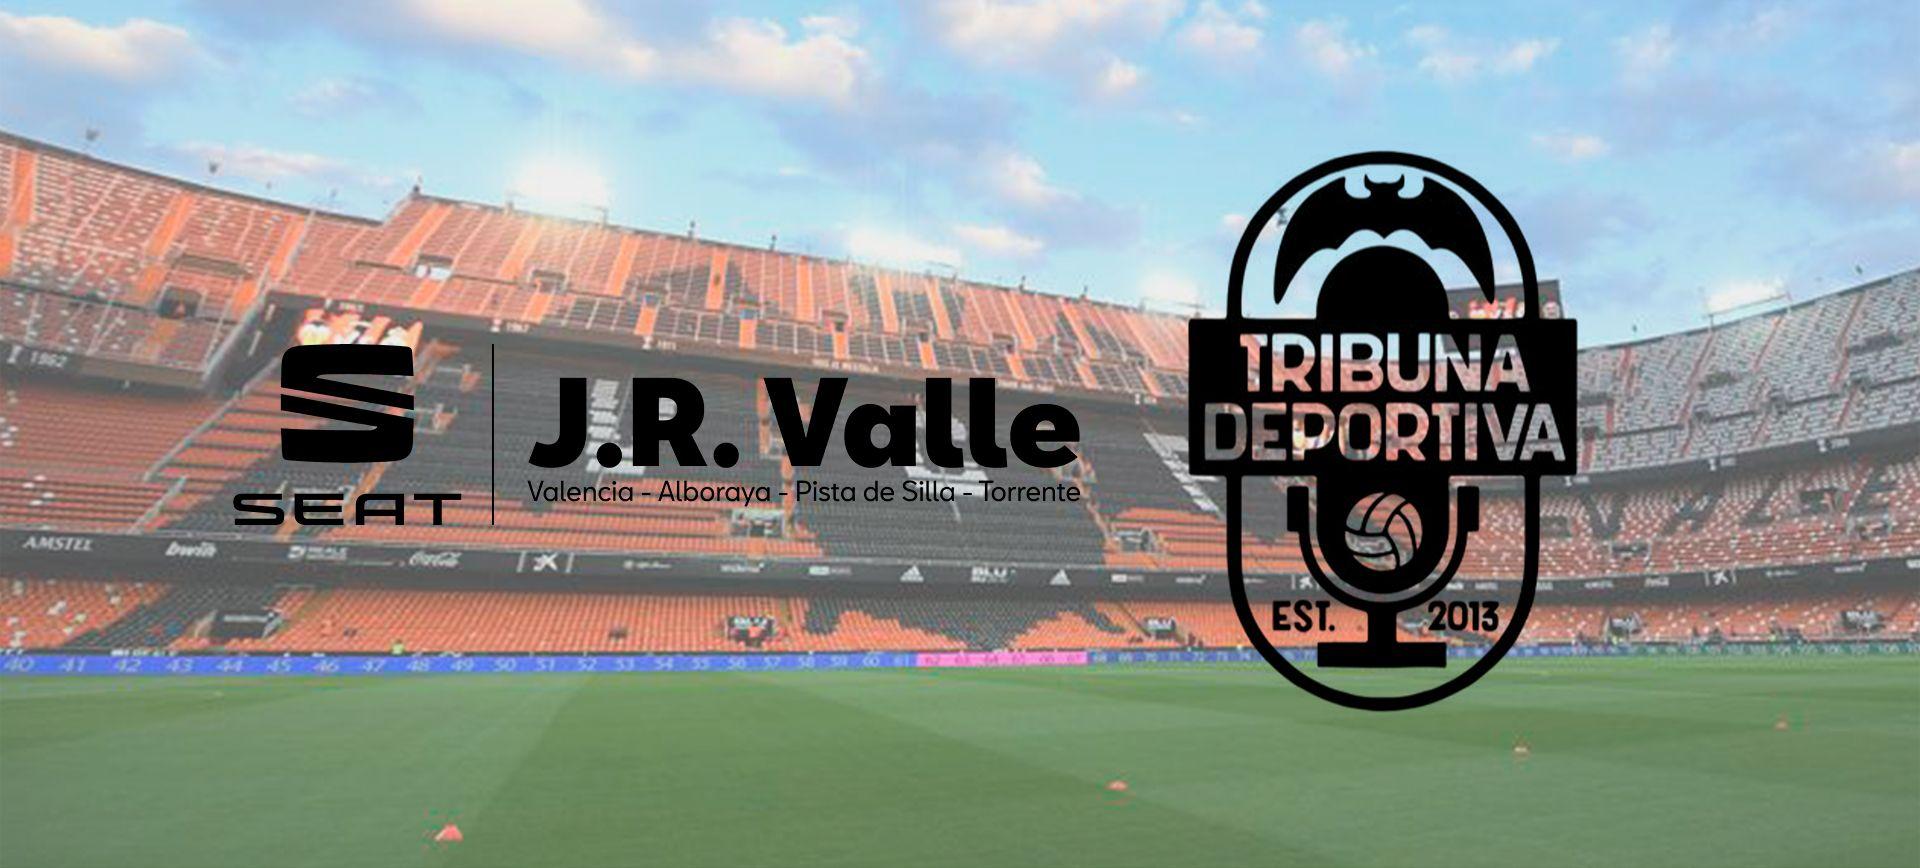 jr-valle-en-tribuna-deportiva